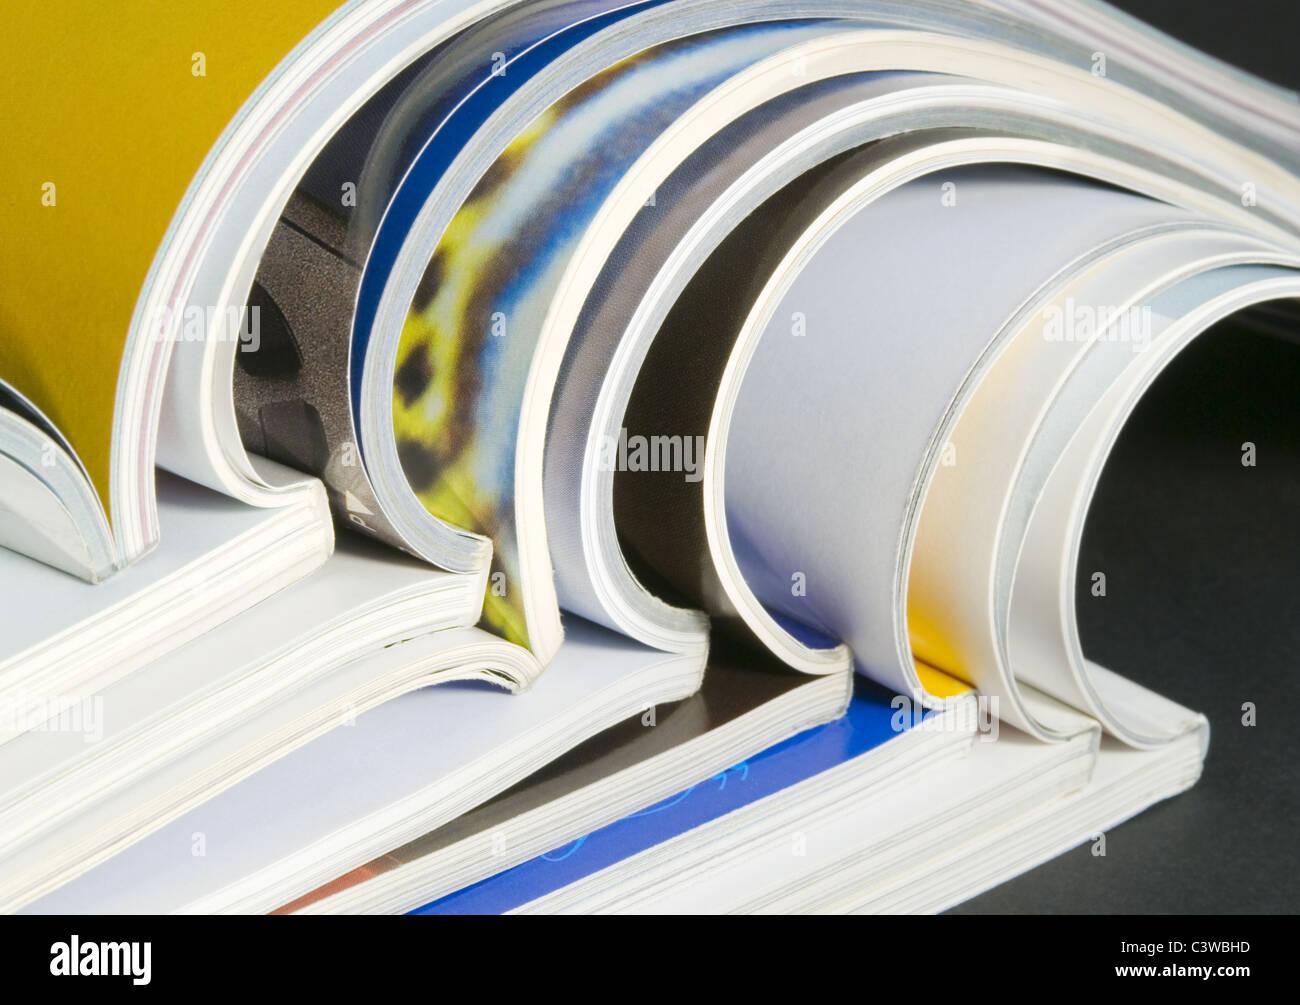 Magazine stack - Stock Image